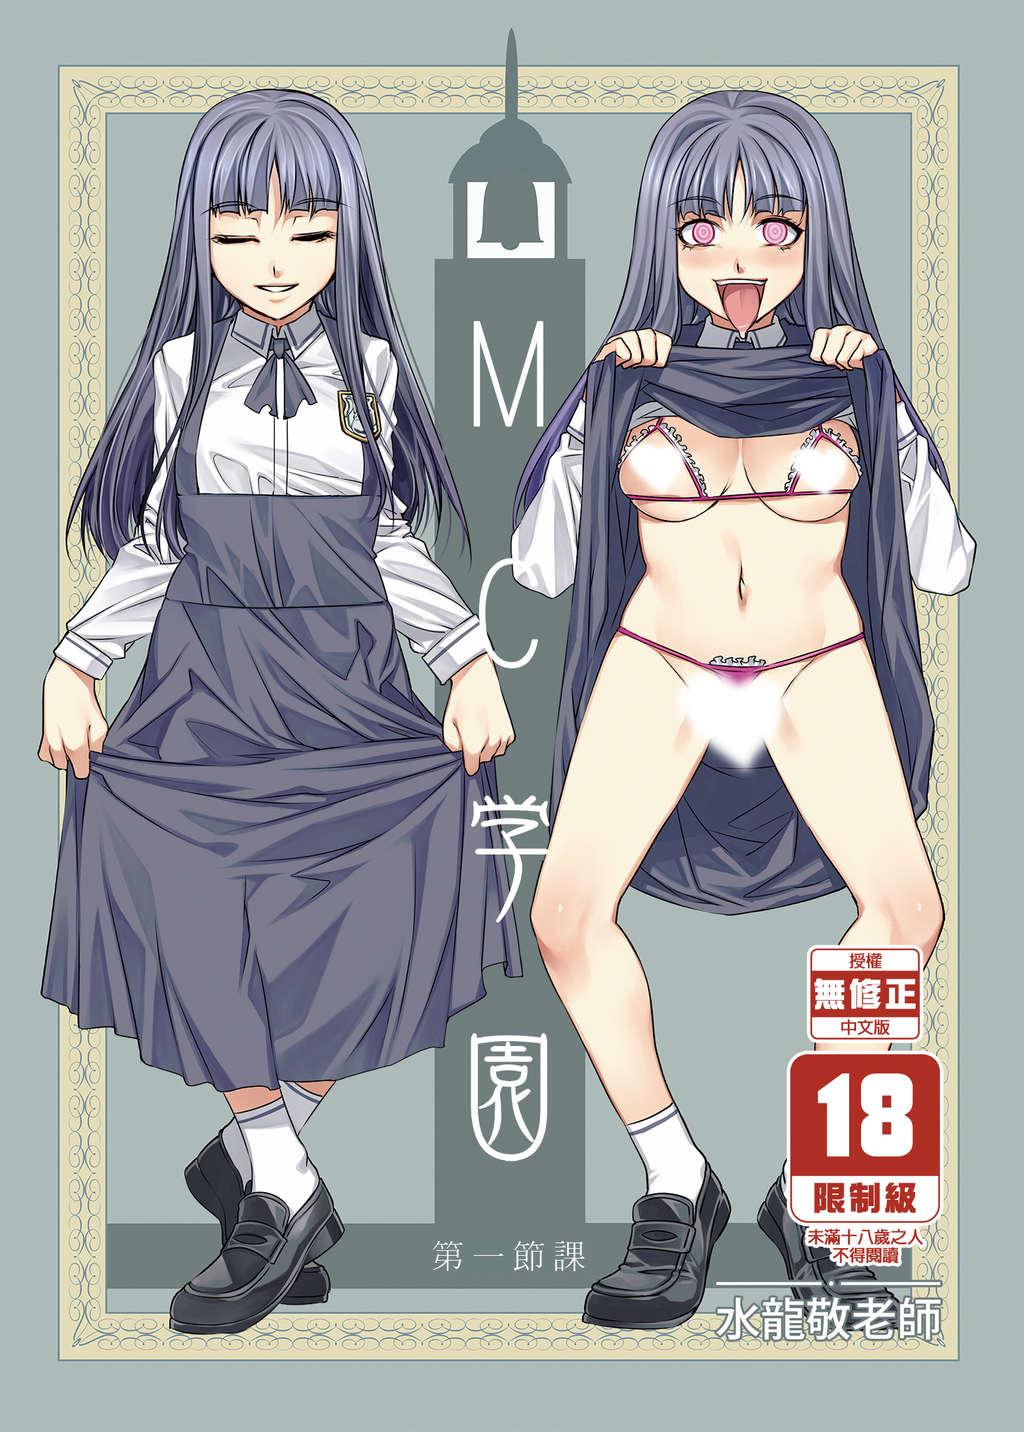 【H漫】水龍敬_MC學園 第一節課-成人A漫畫